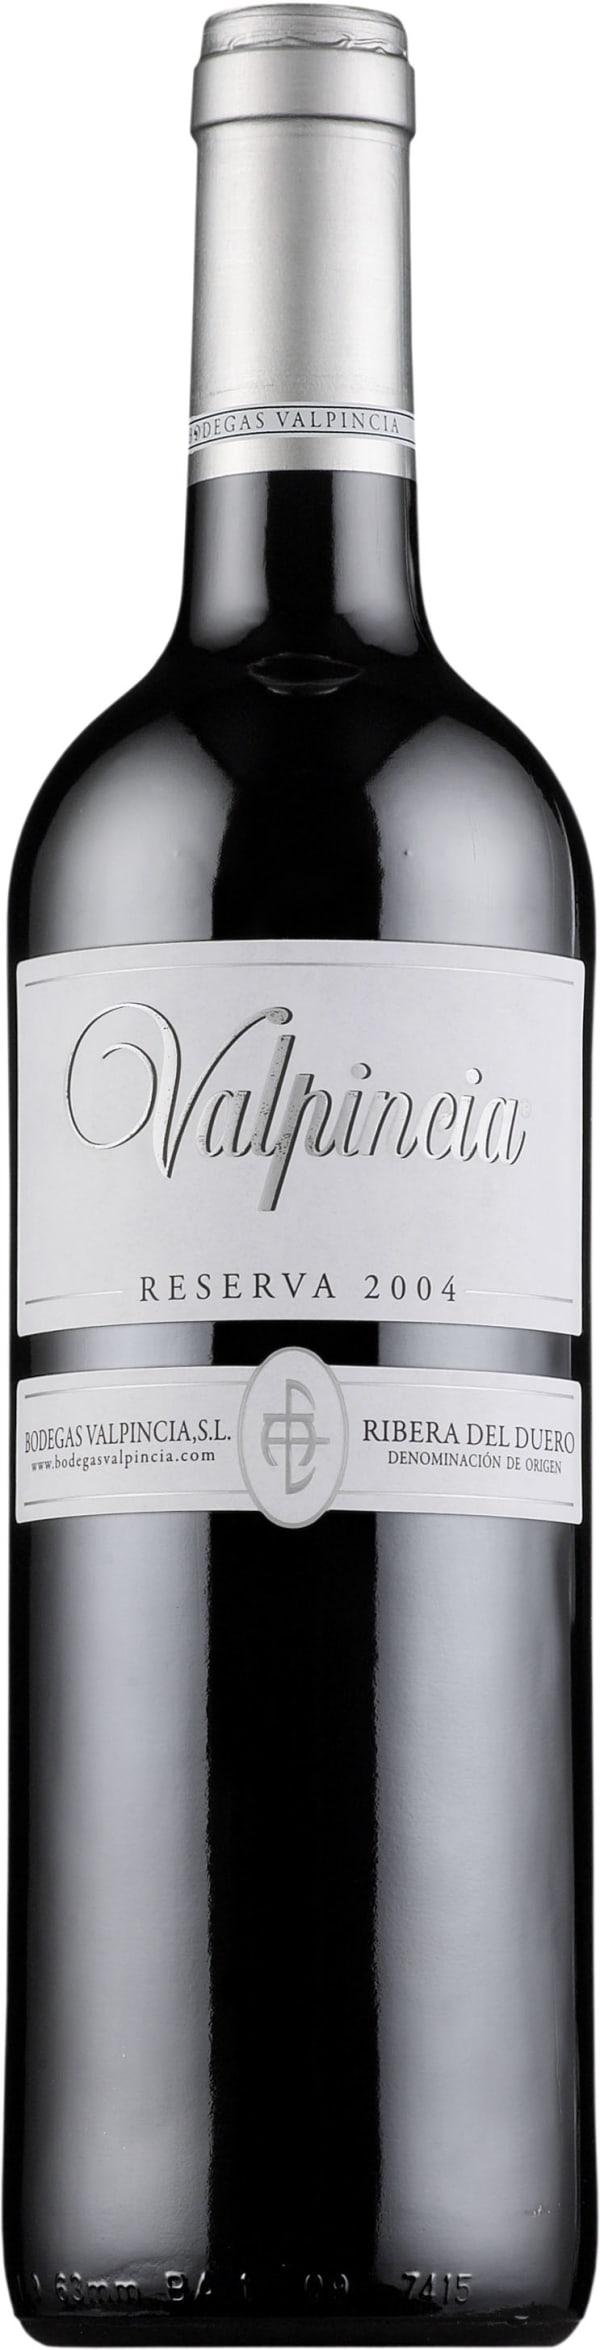 Valpincia Reserva 2011